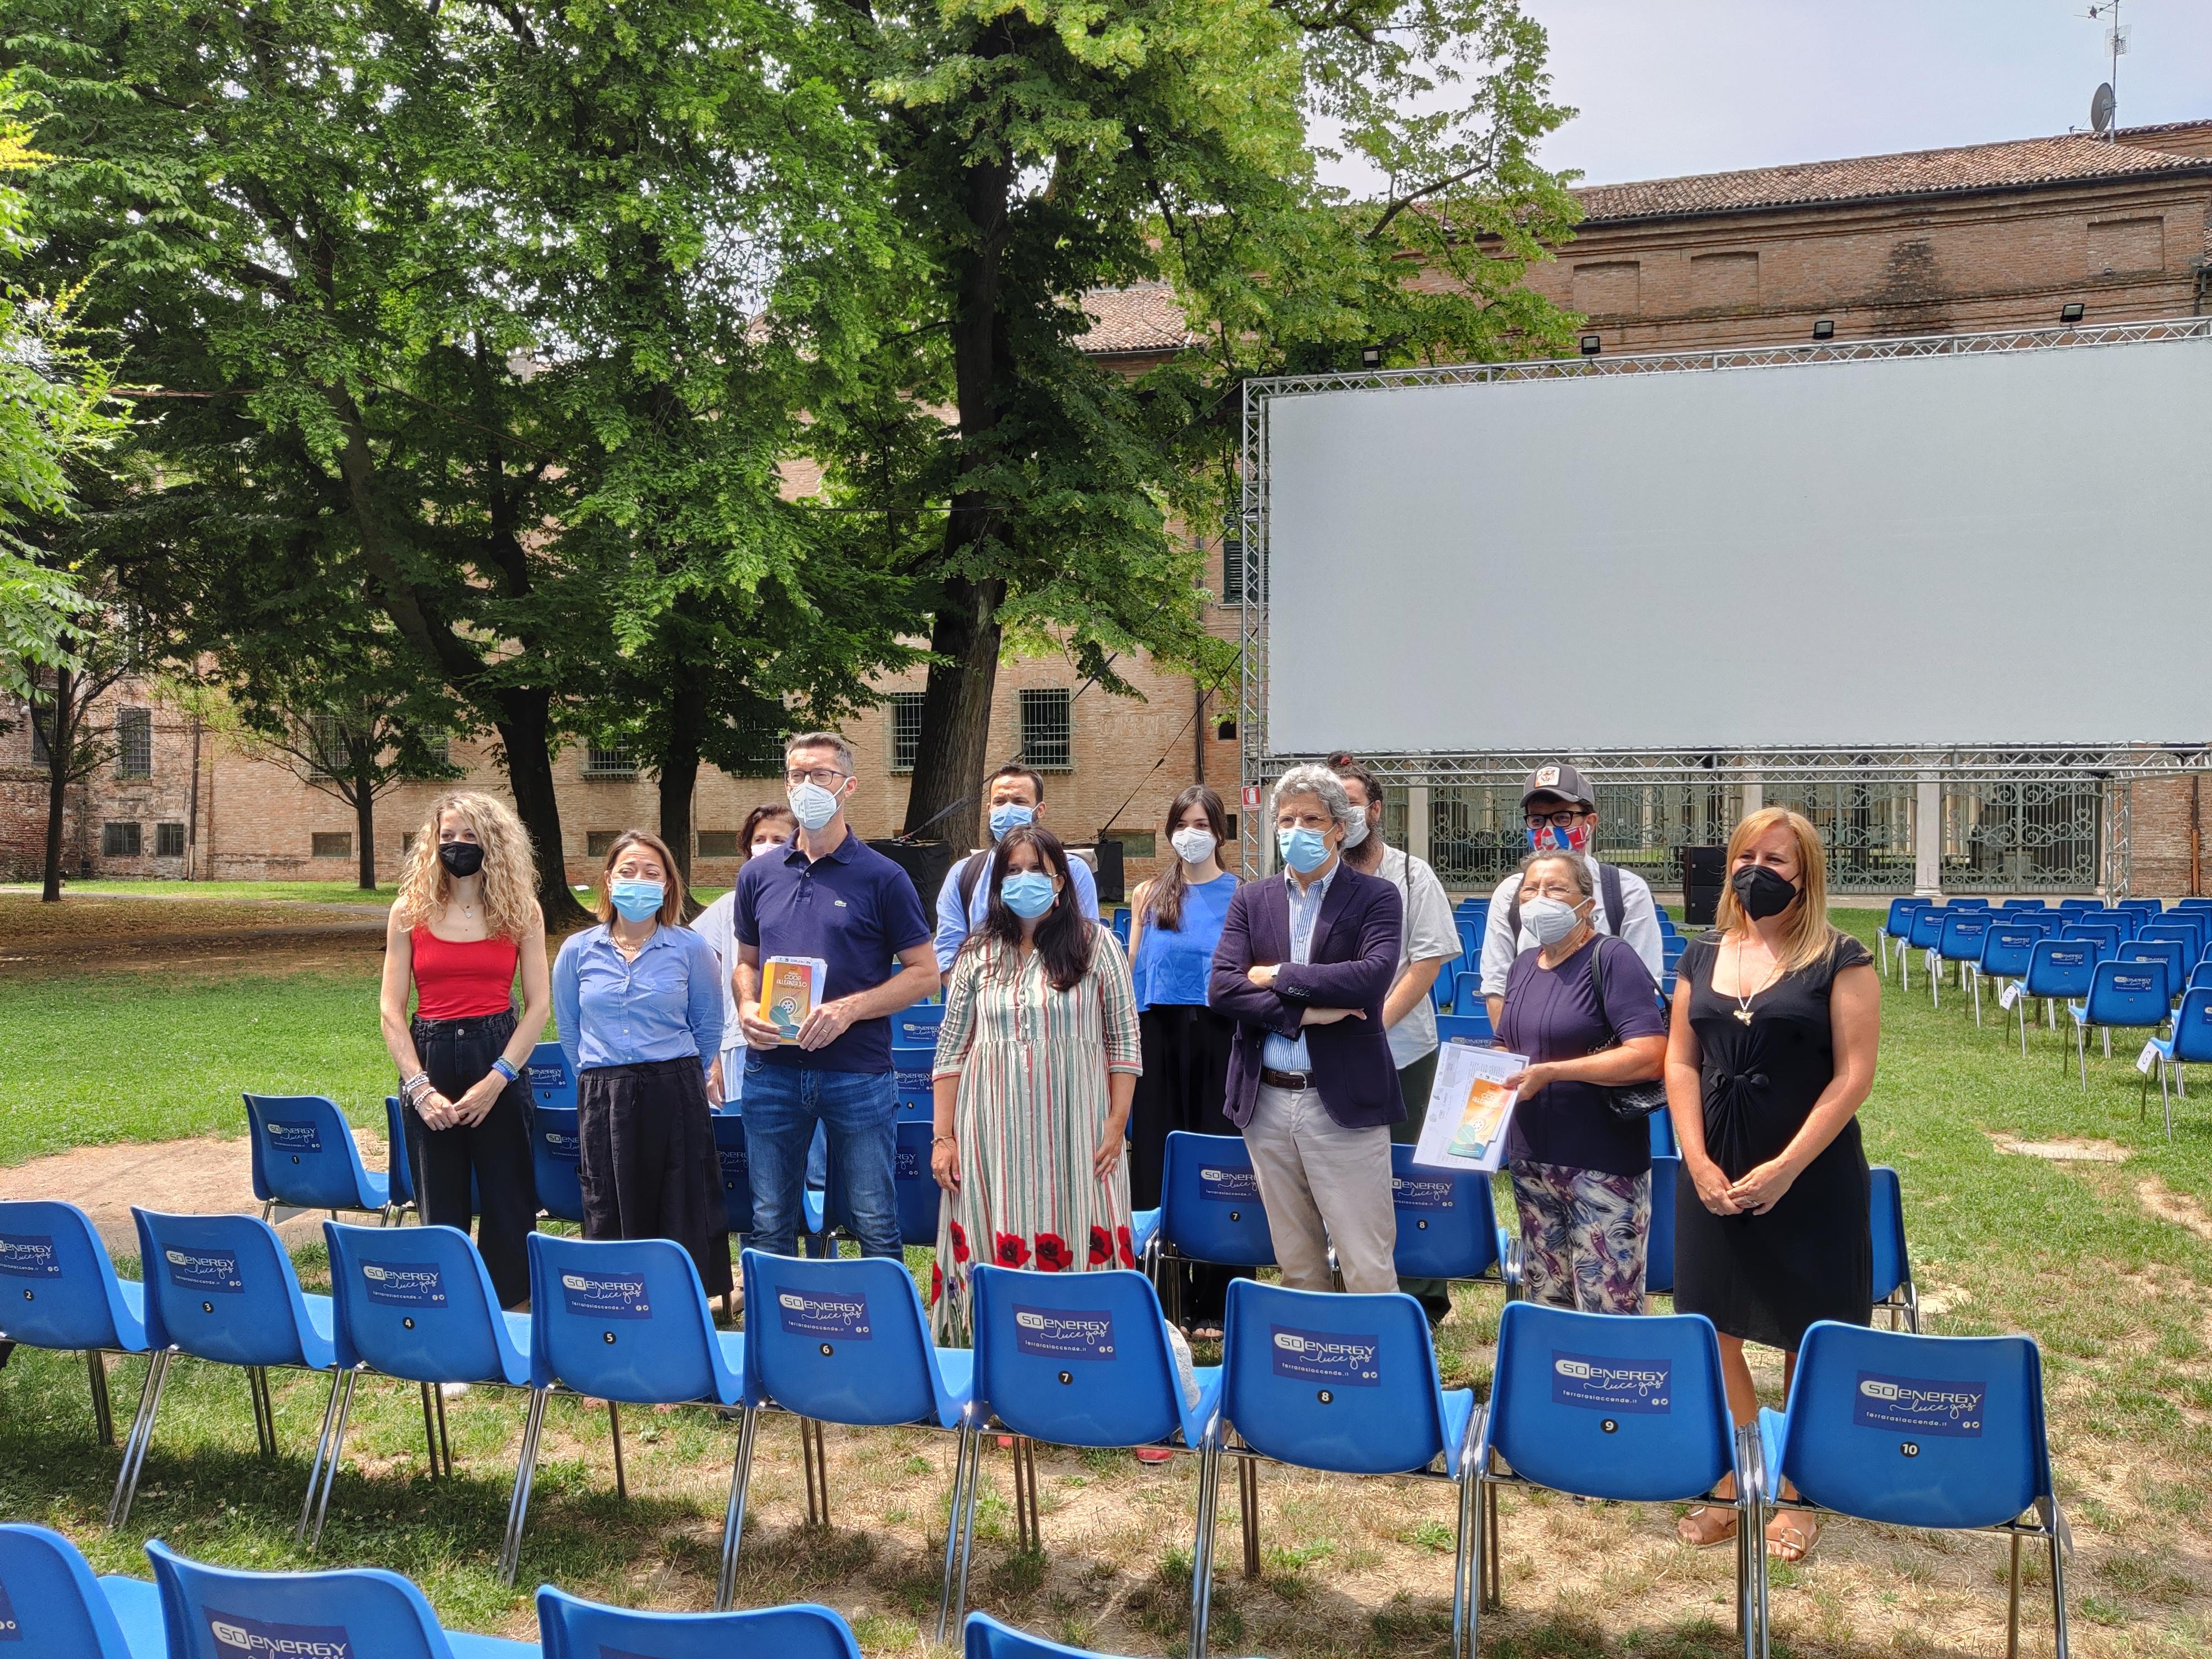 Arena Coop Alleanza 3.0: a Ferrara torna il cinema estivo, grazie anche al sostegno delle cooperative